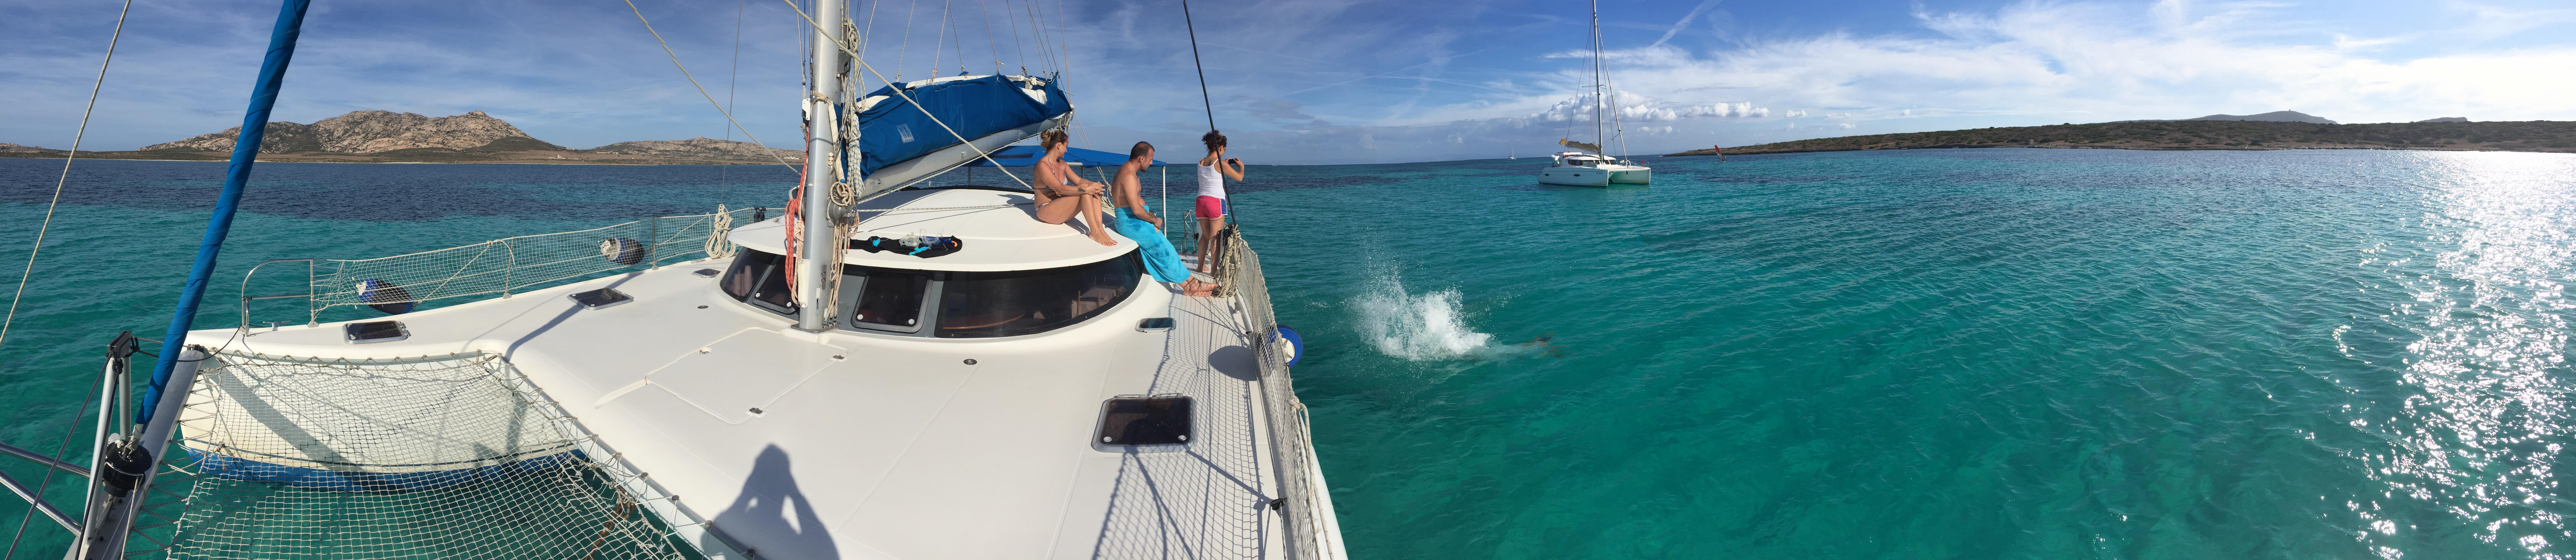 tuffo dal catamarano durante una vacanza in catamarano in sardegna